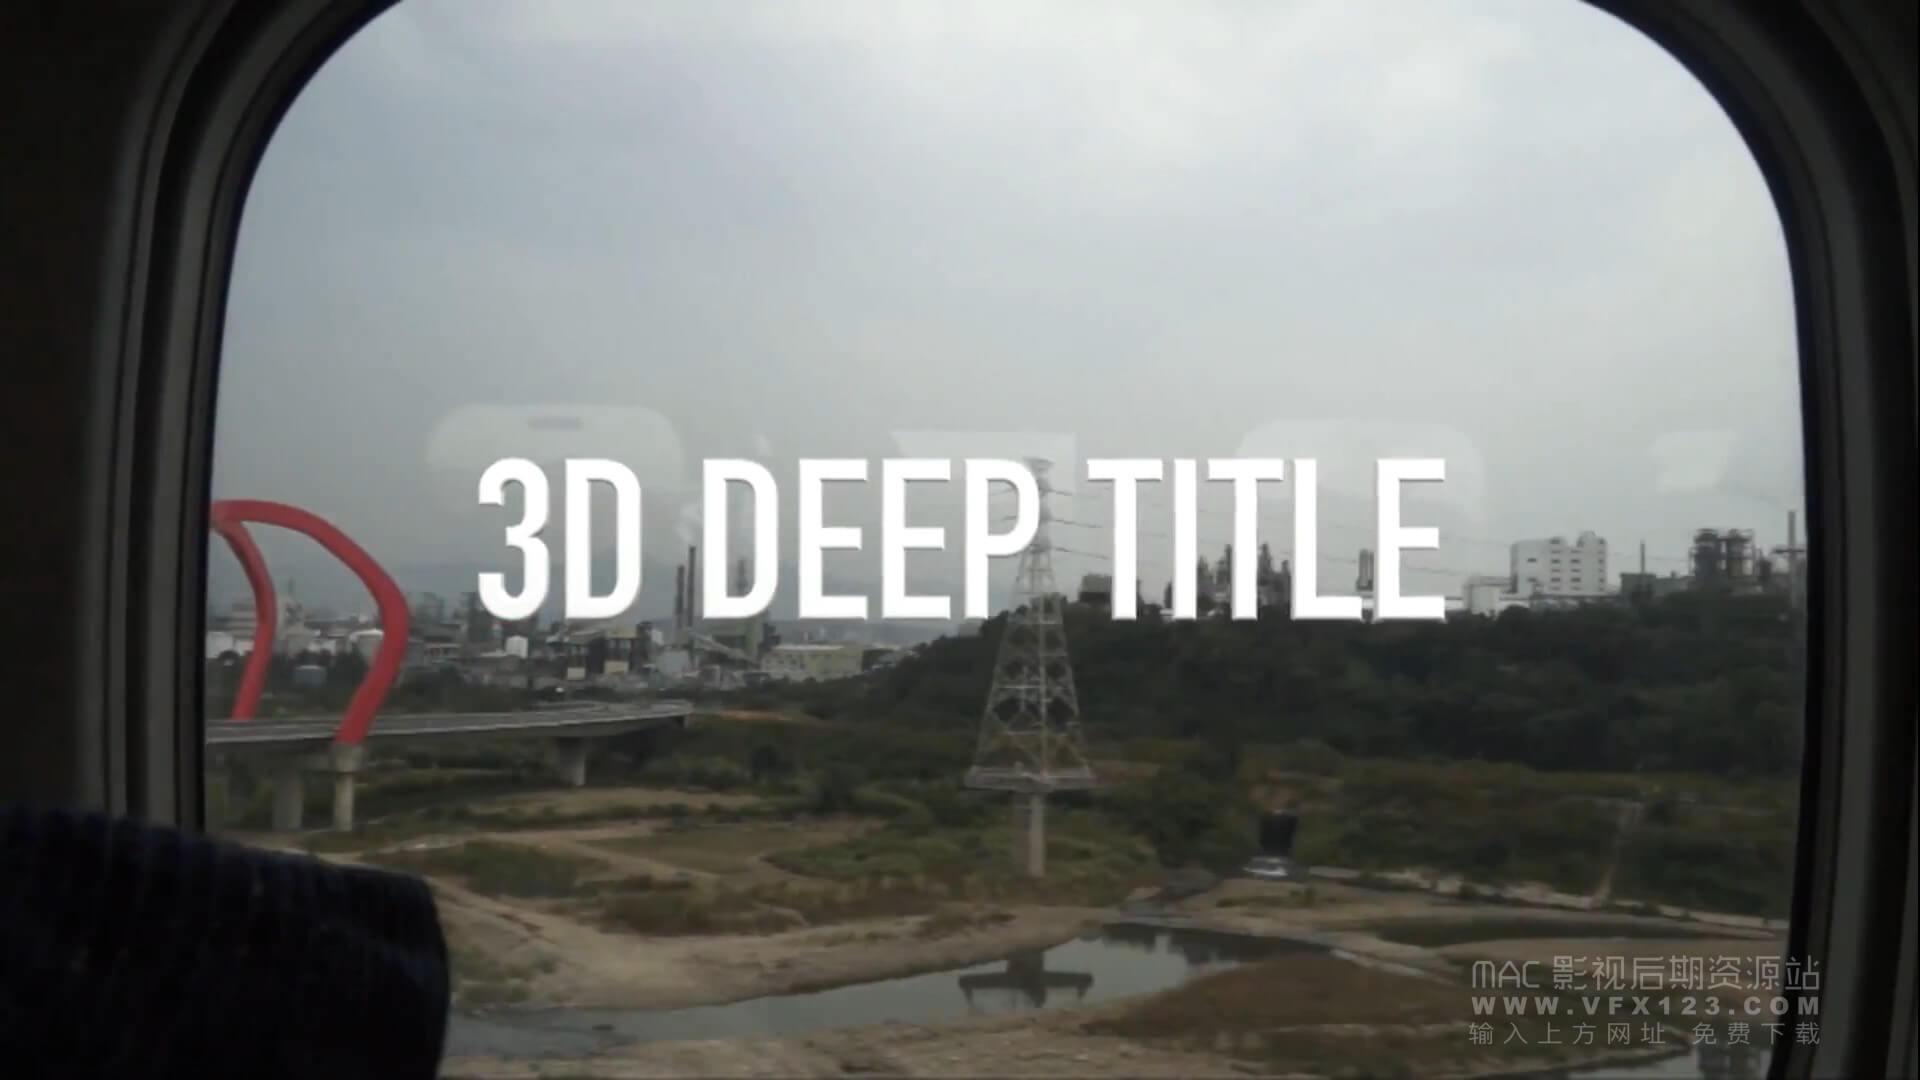 第34课: Final Cut Pro X的免费3D字幕与背景素材